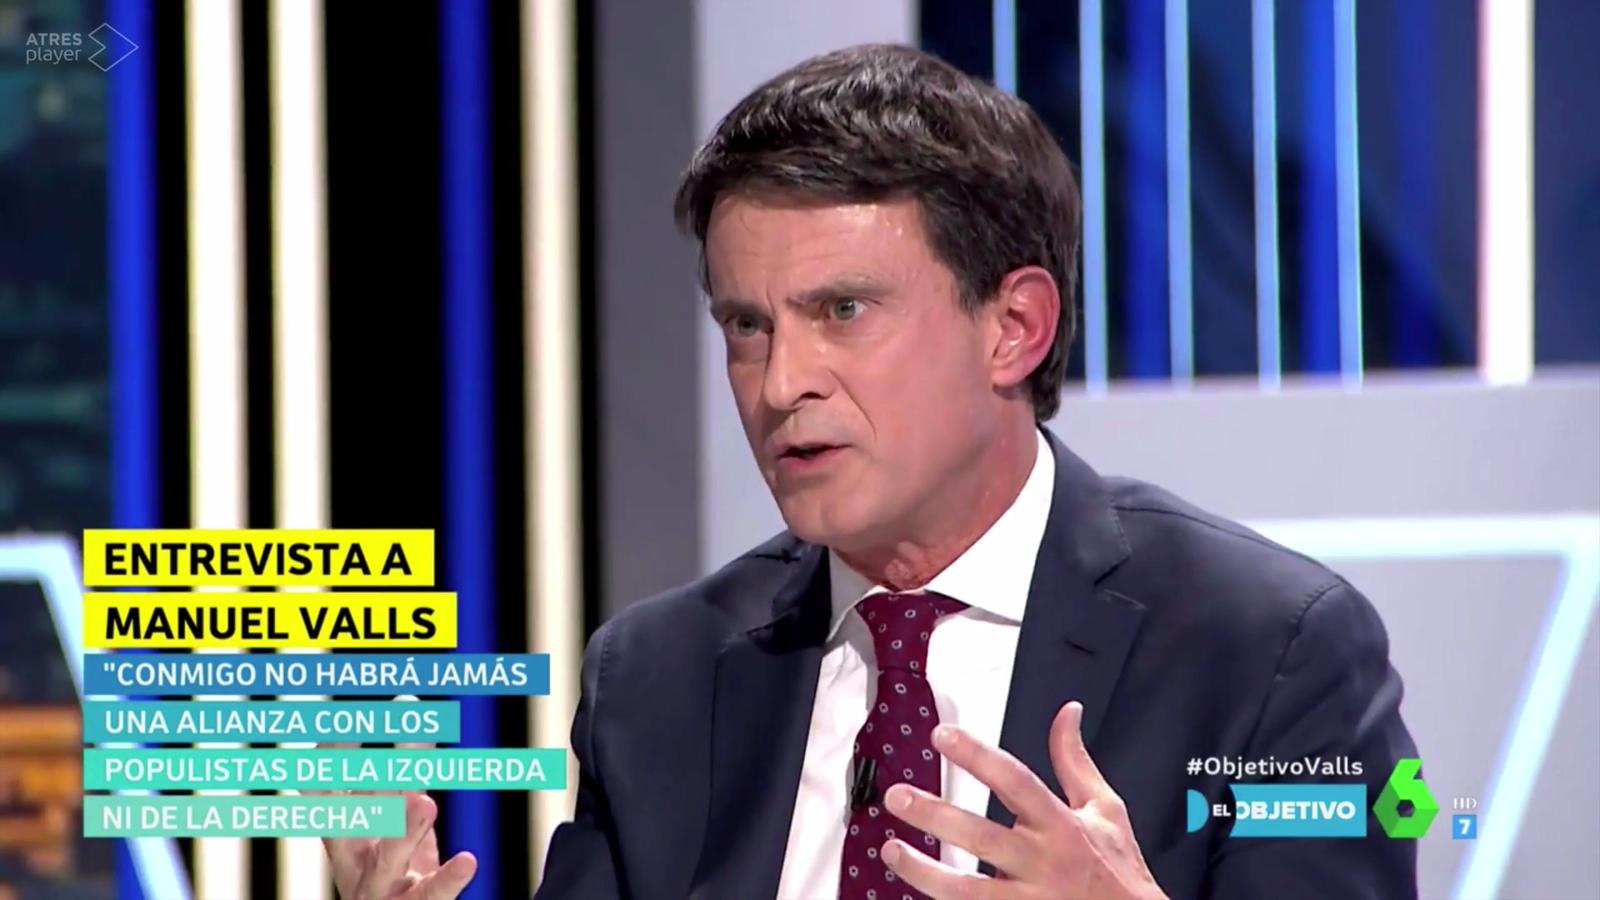 Valls assegura que hi ha veïns de Barcelona que ho passen malament quan parlen castellà